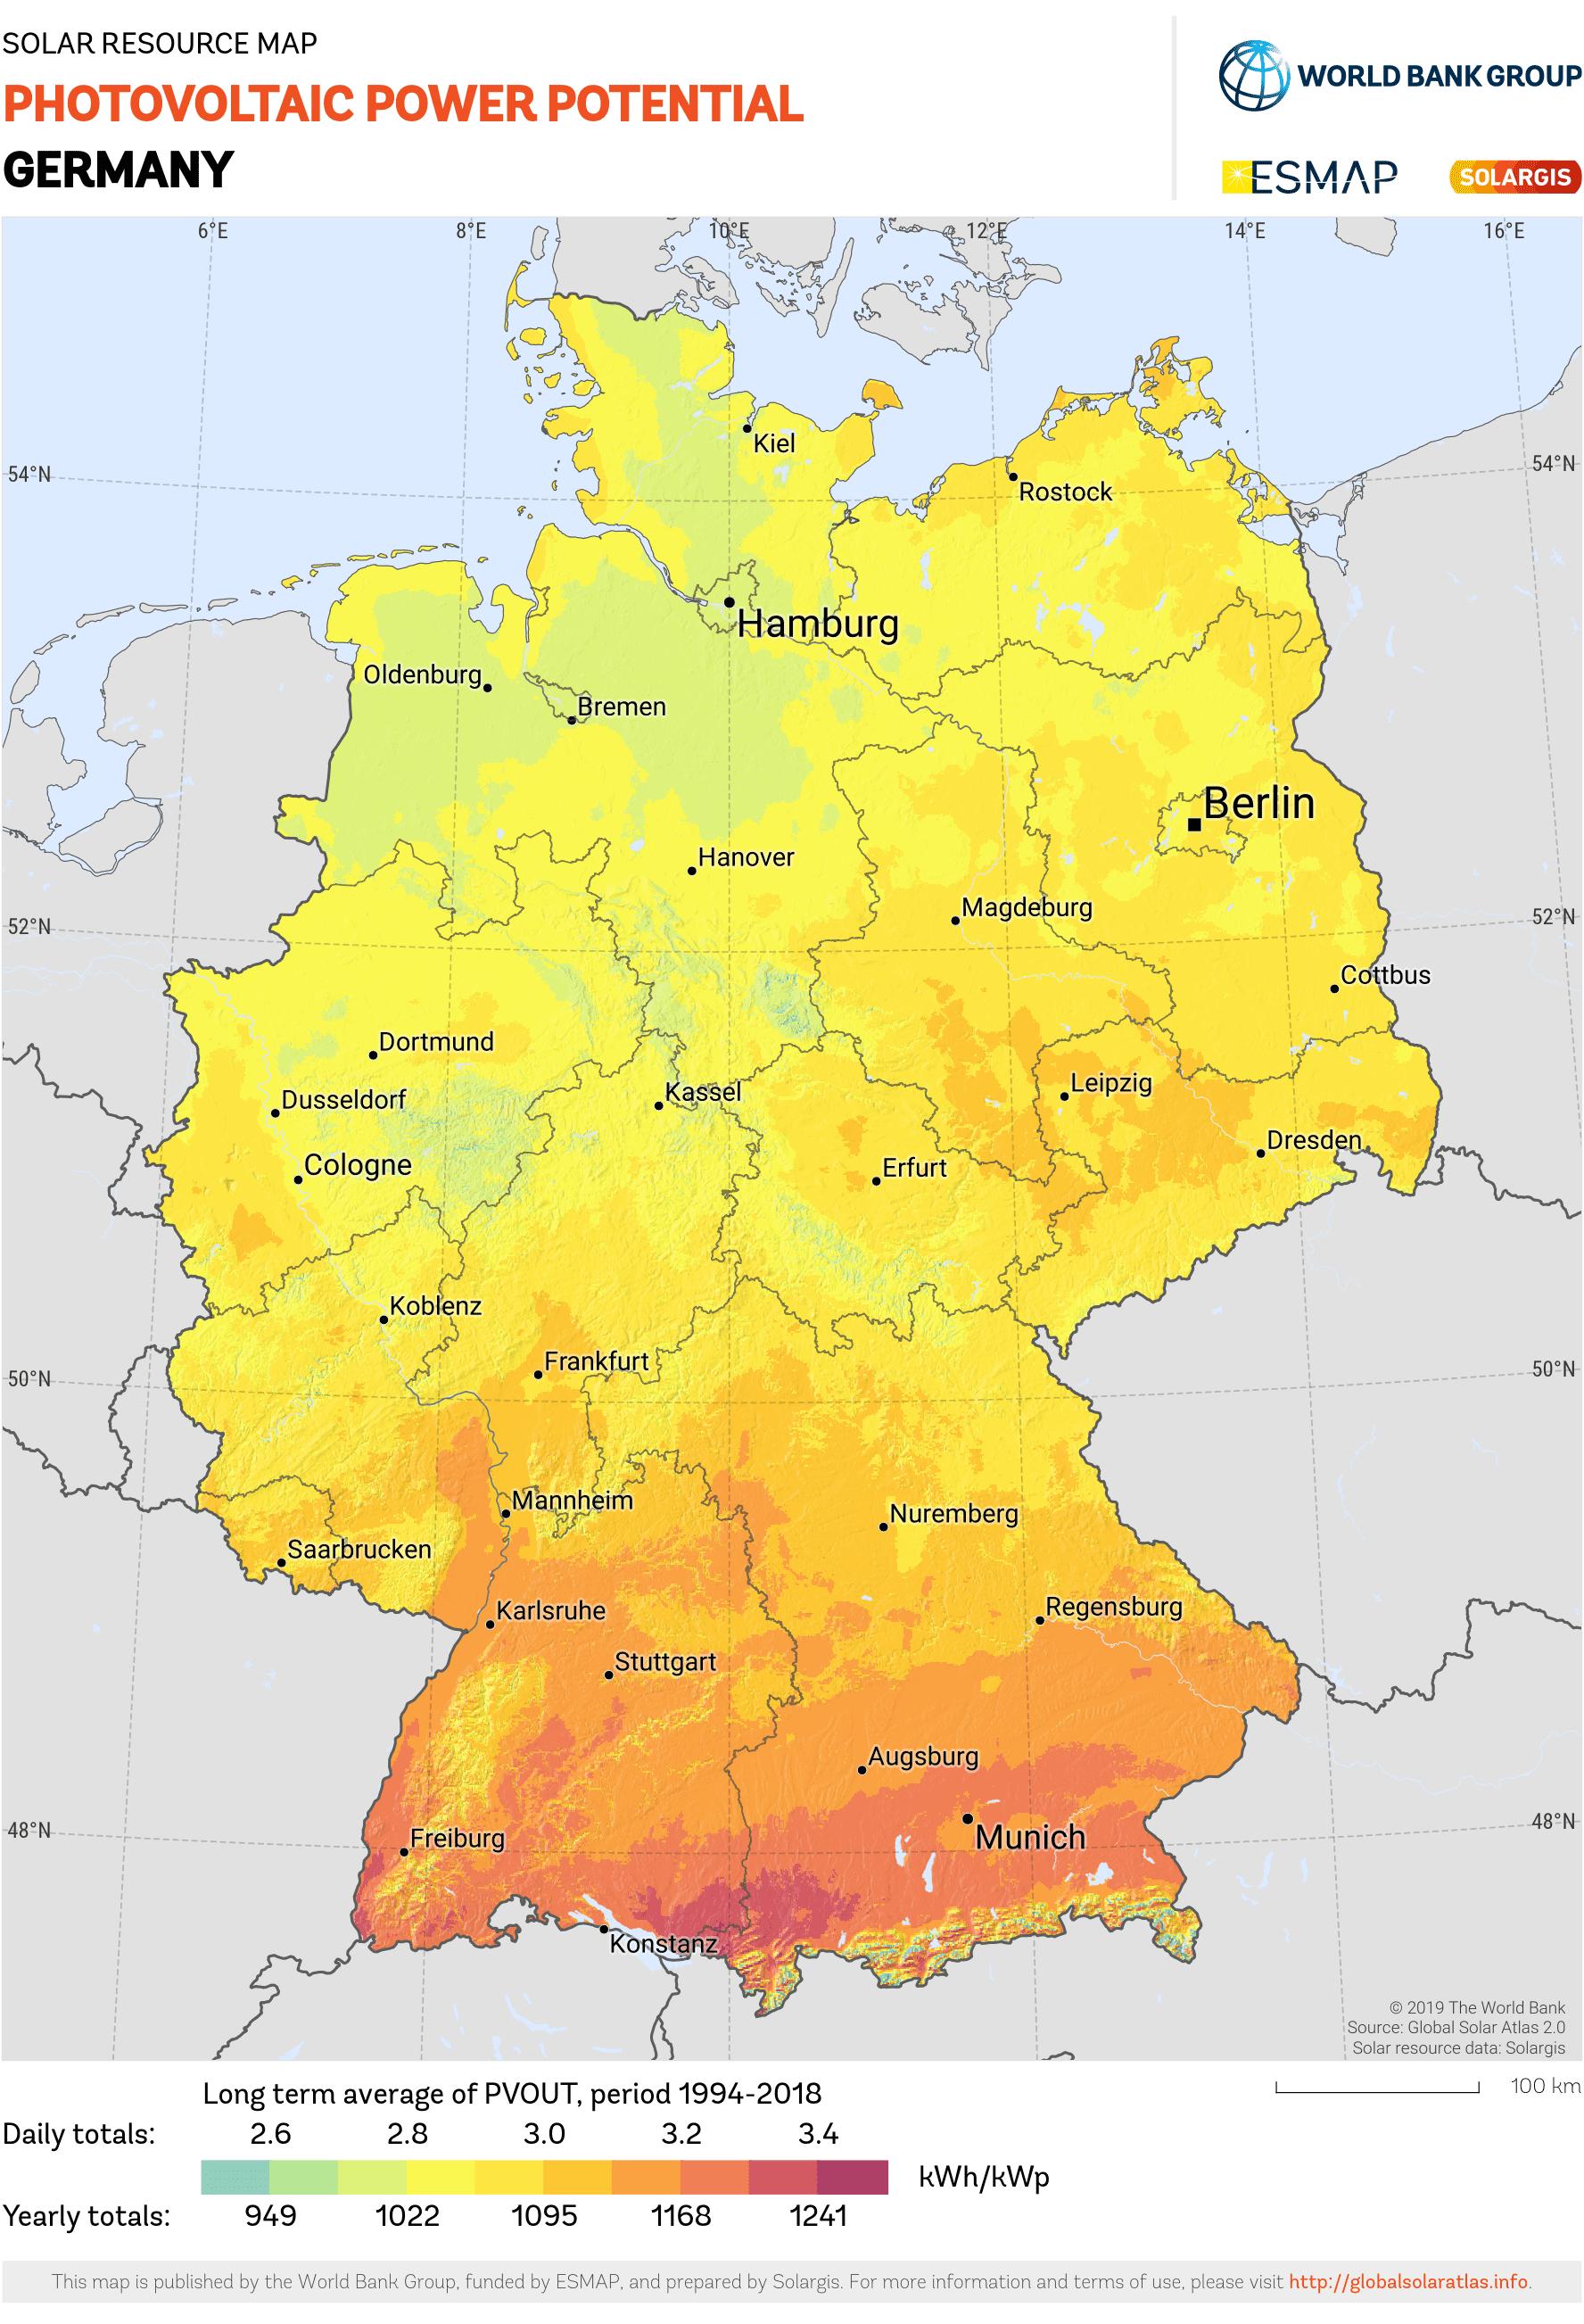 Durchschnittliche jährliche Sonneneinstrahlung in Deutschland